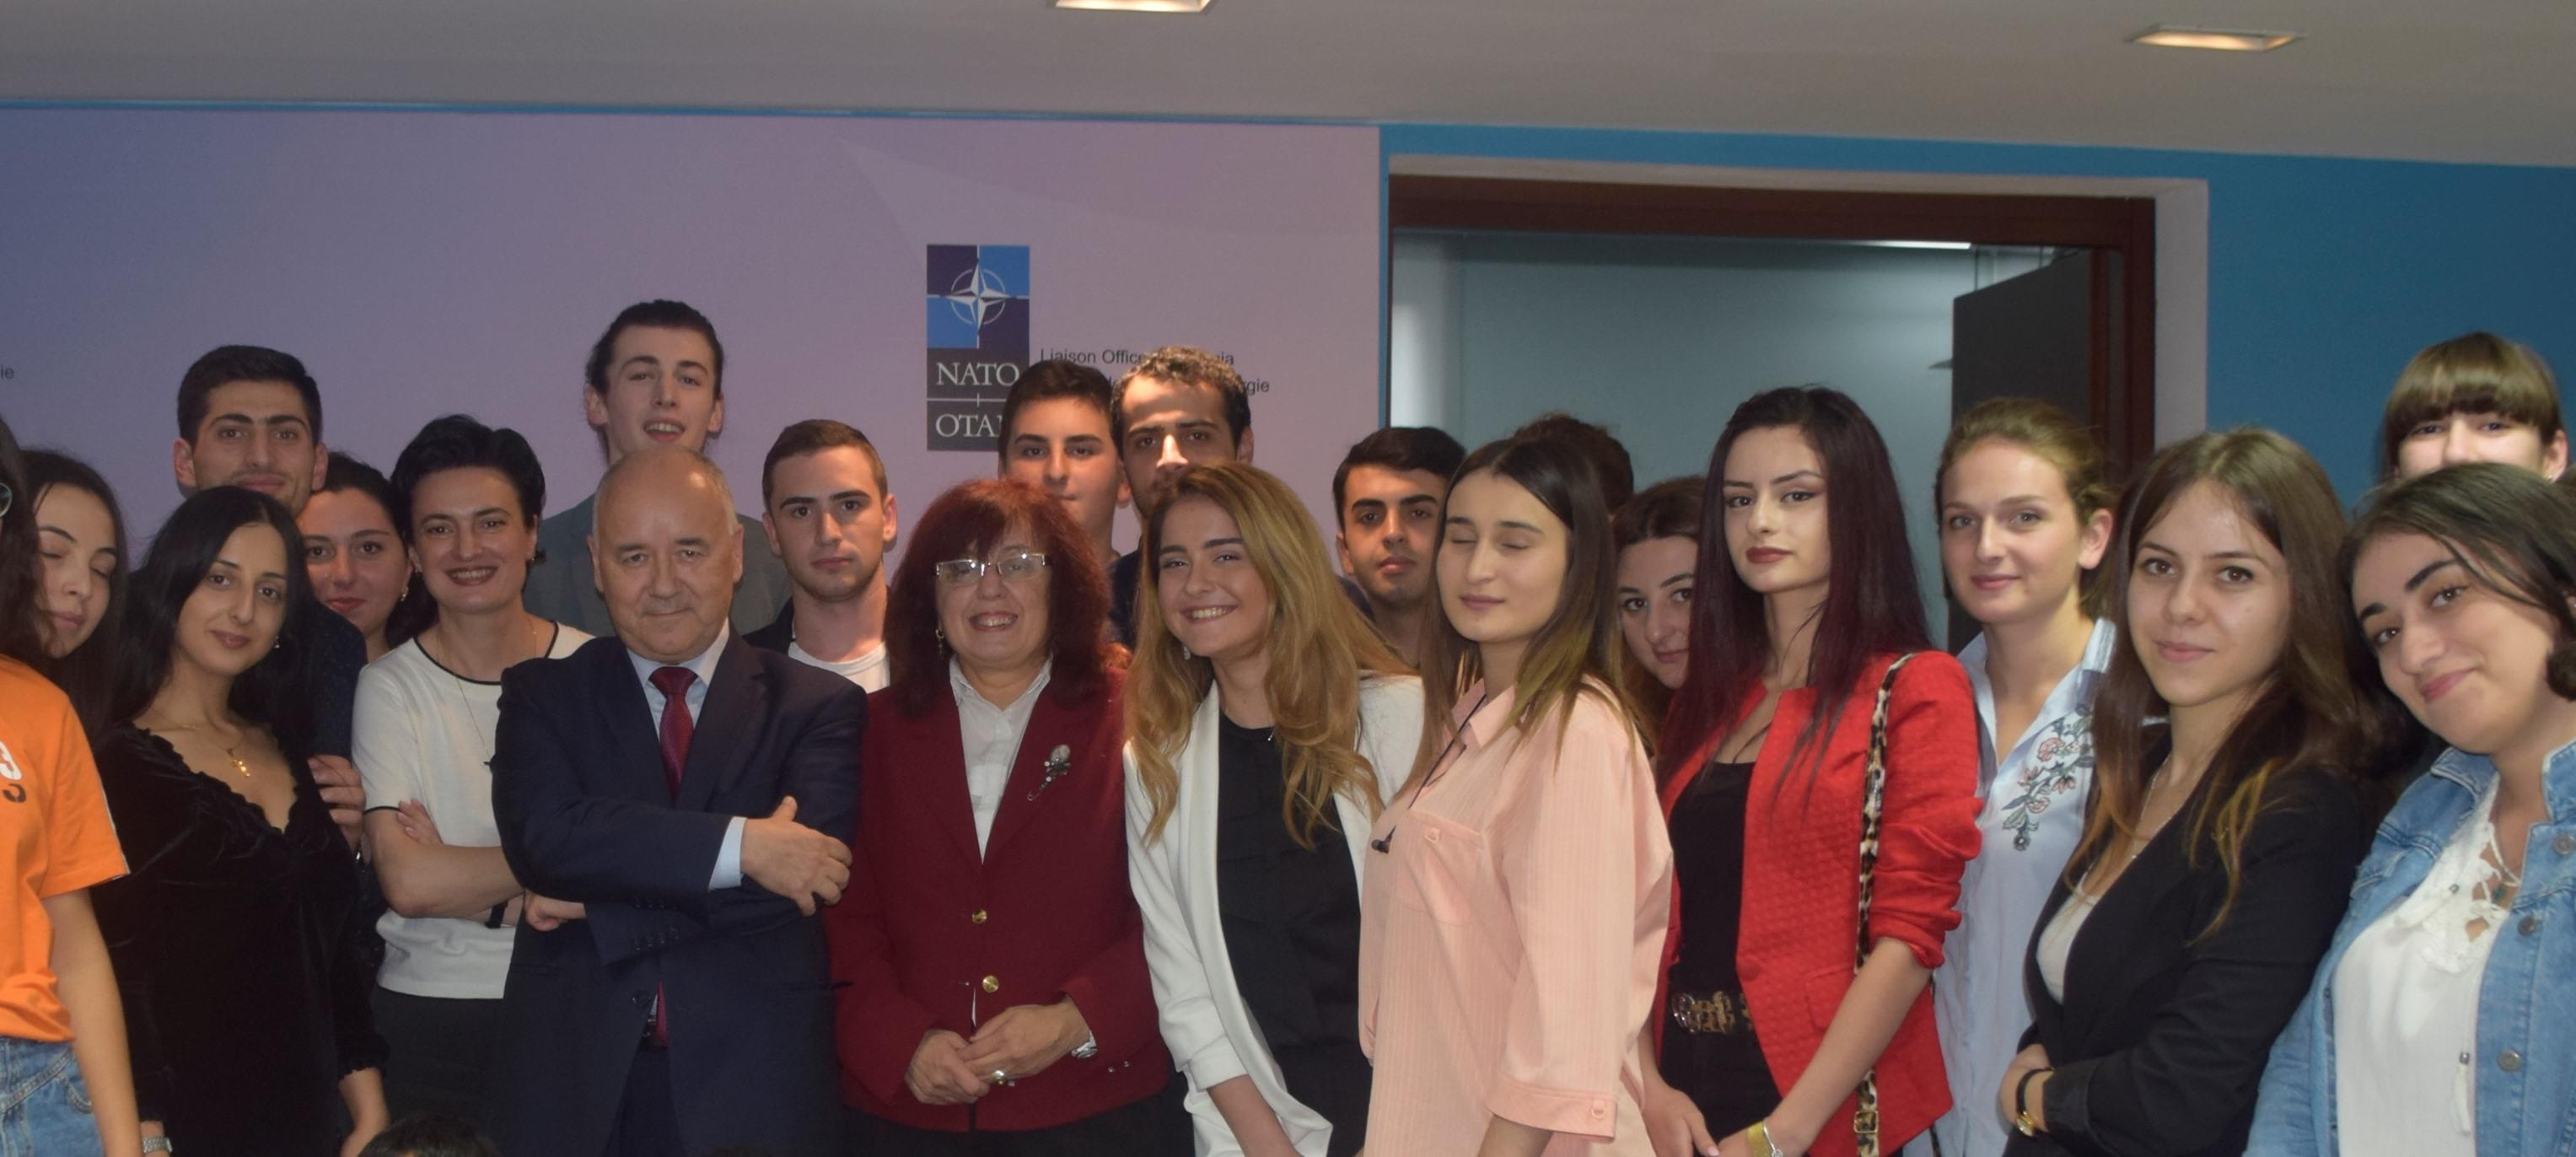 საბაუნის სტუდენტების ვიზიტი NATO სამეკავშირეო ოფისსში